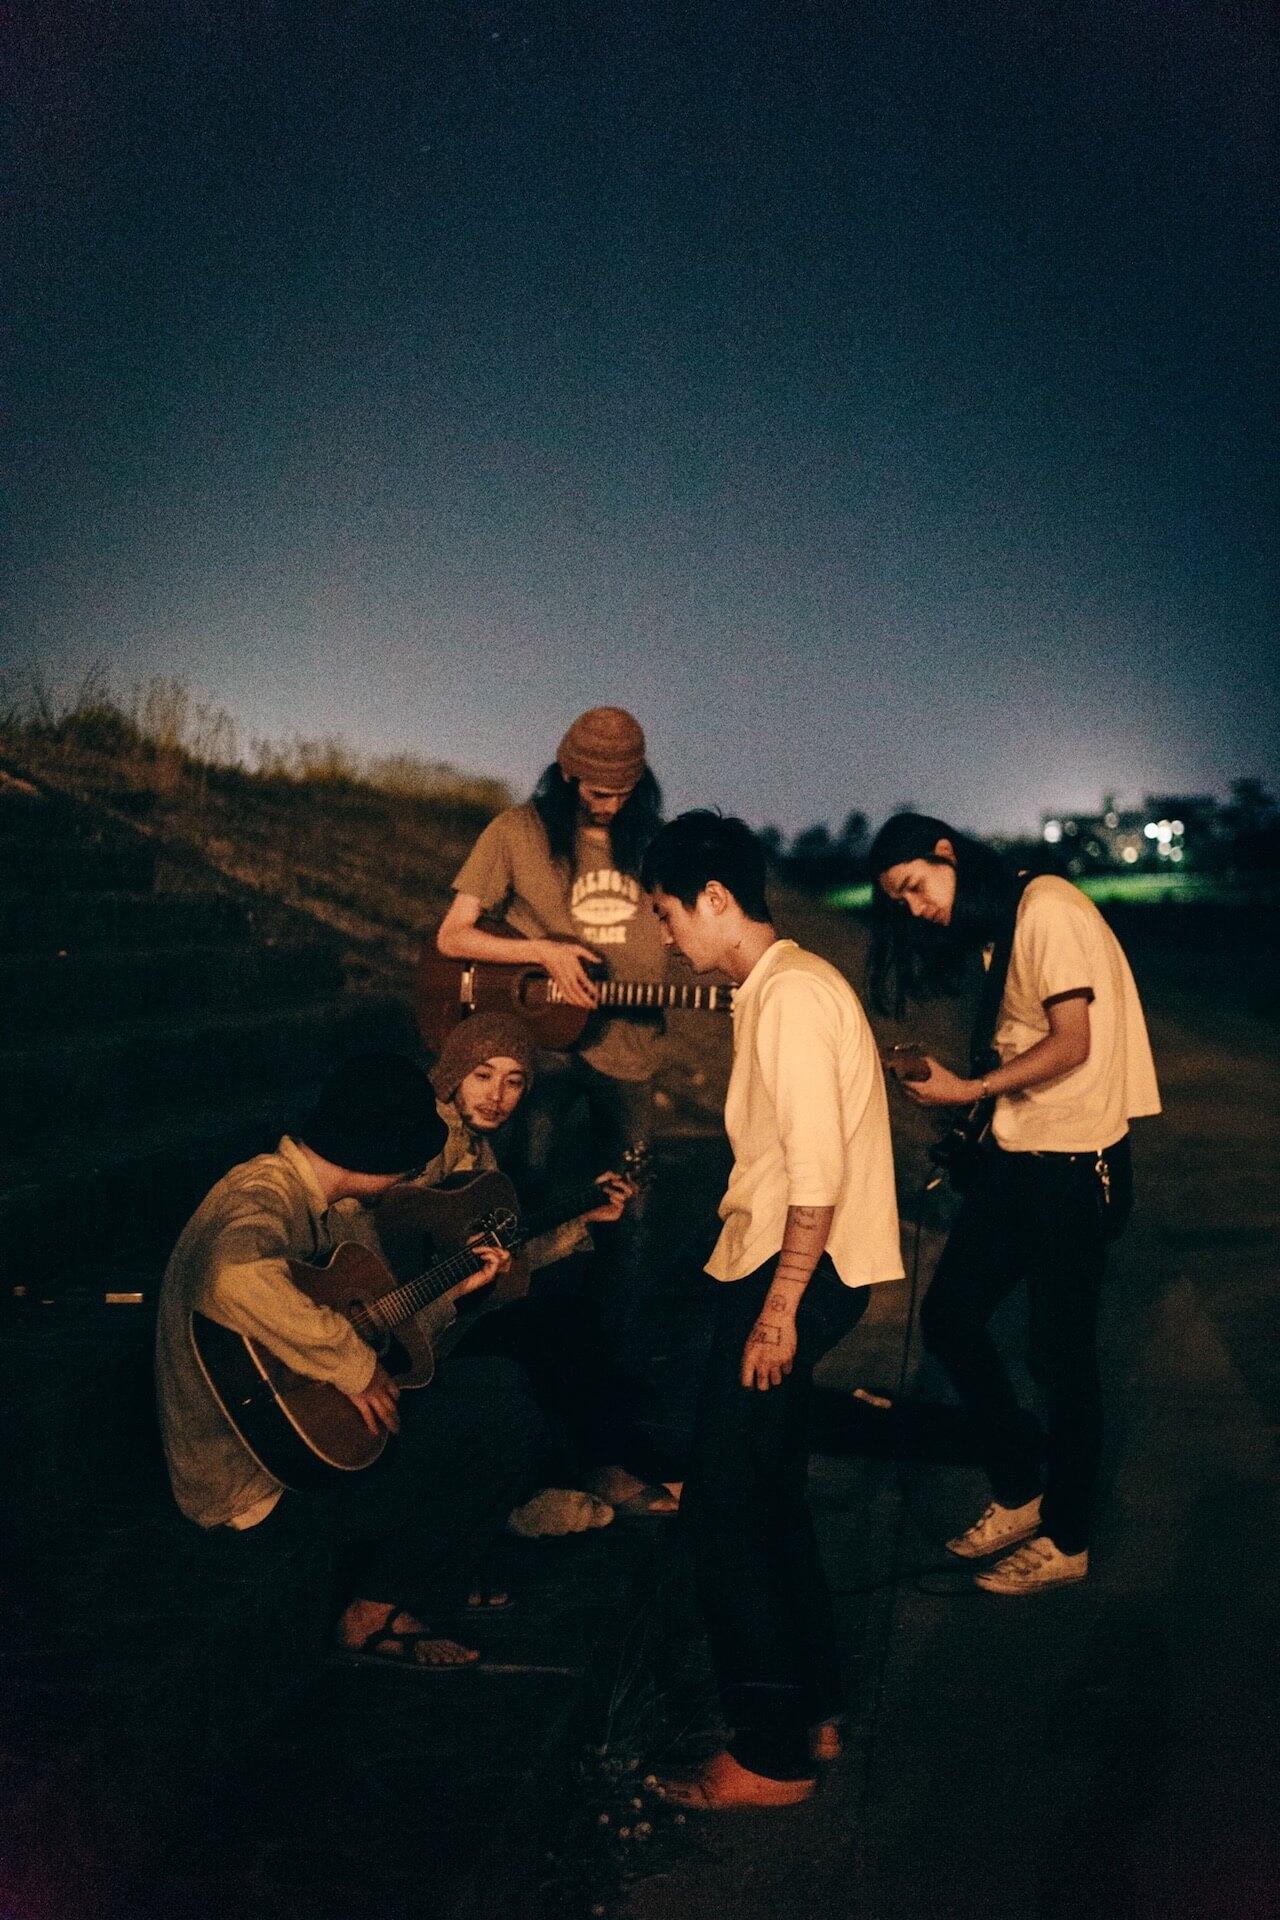 メッセージTシャツ・プロジェクト〈We will meet again〉にOGRE YOU ASSHOLEと踊ってばかりの国が登場 music200610-liquidroom-oya-odottebakarinokuni-2